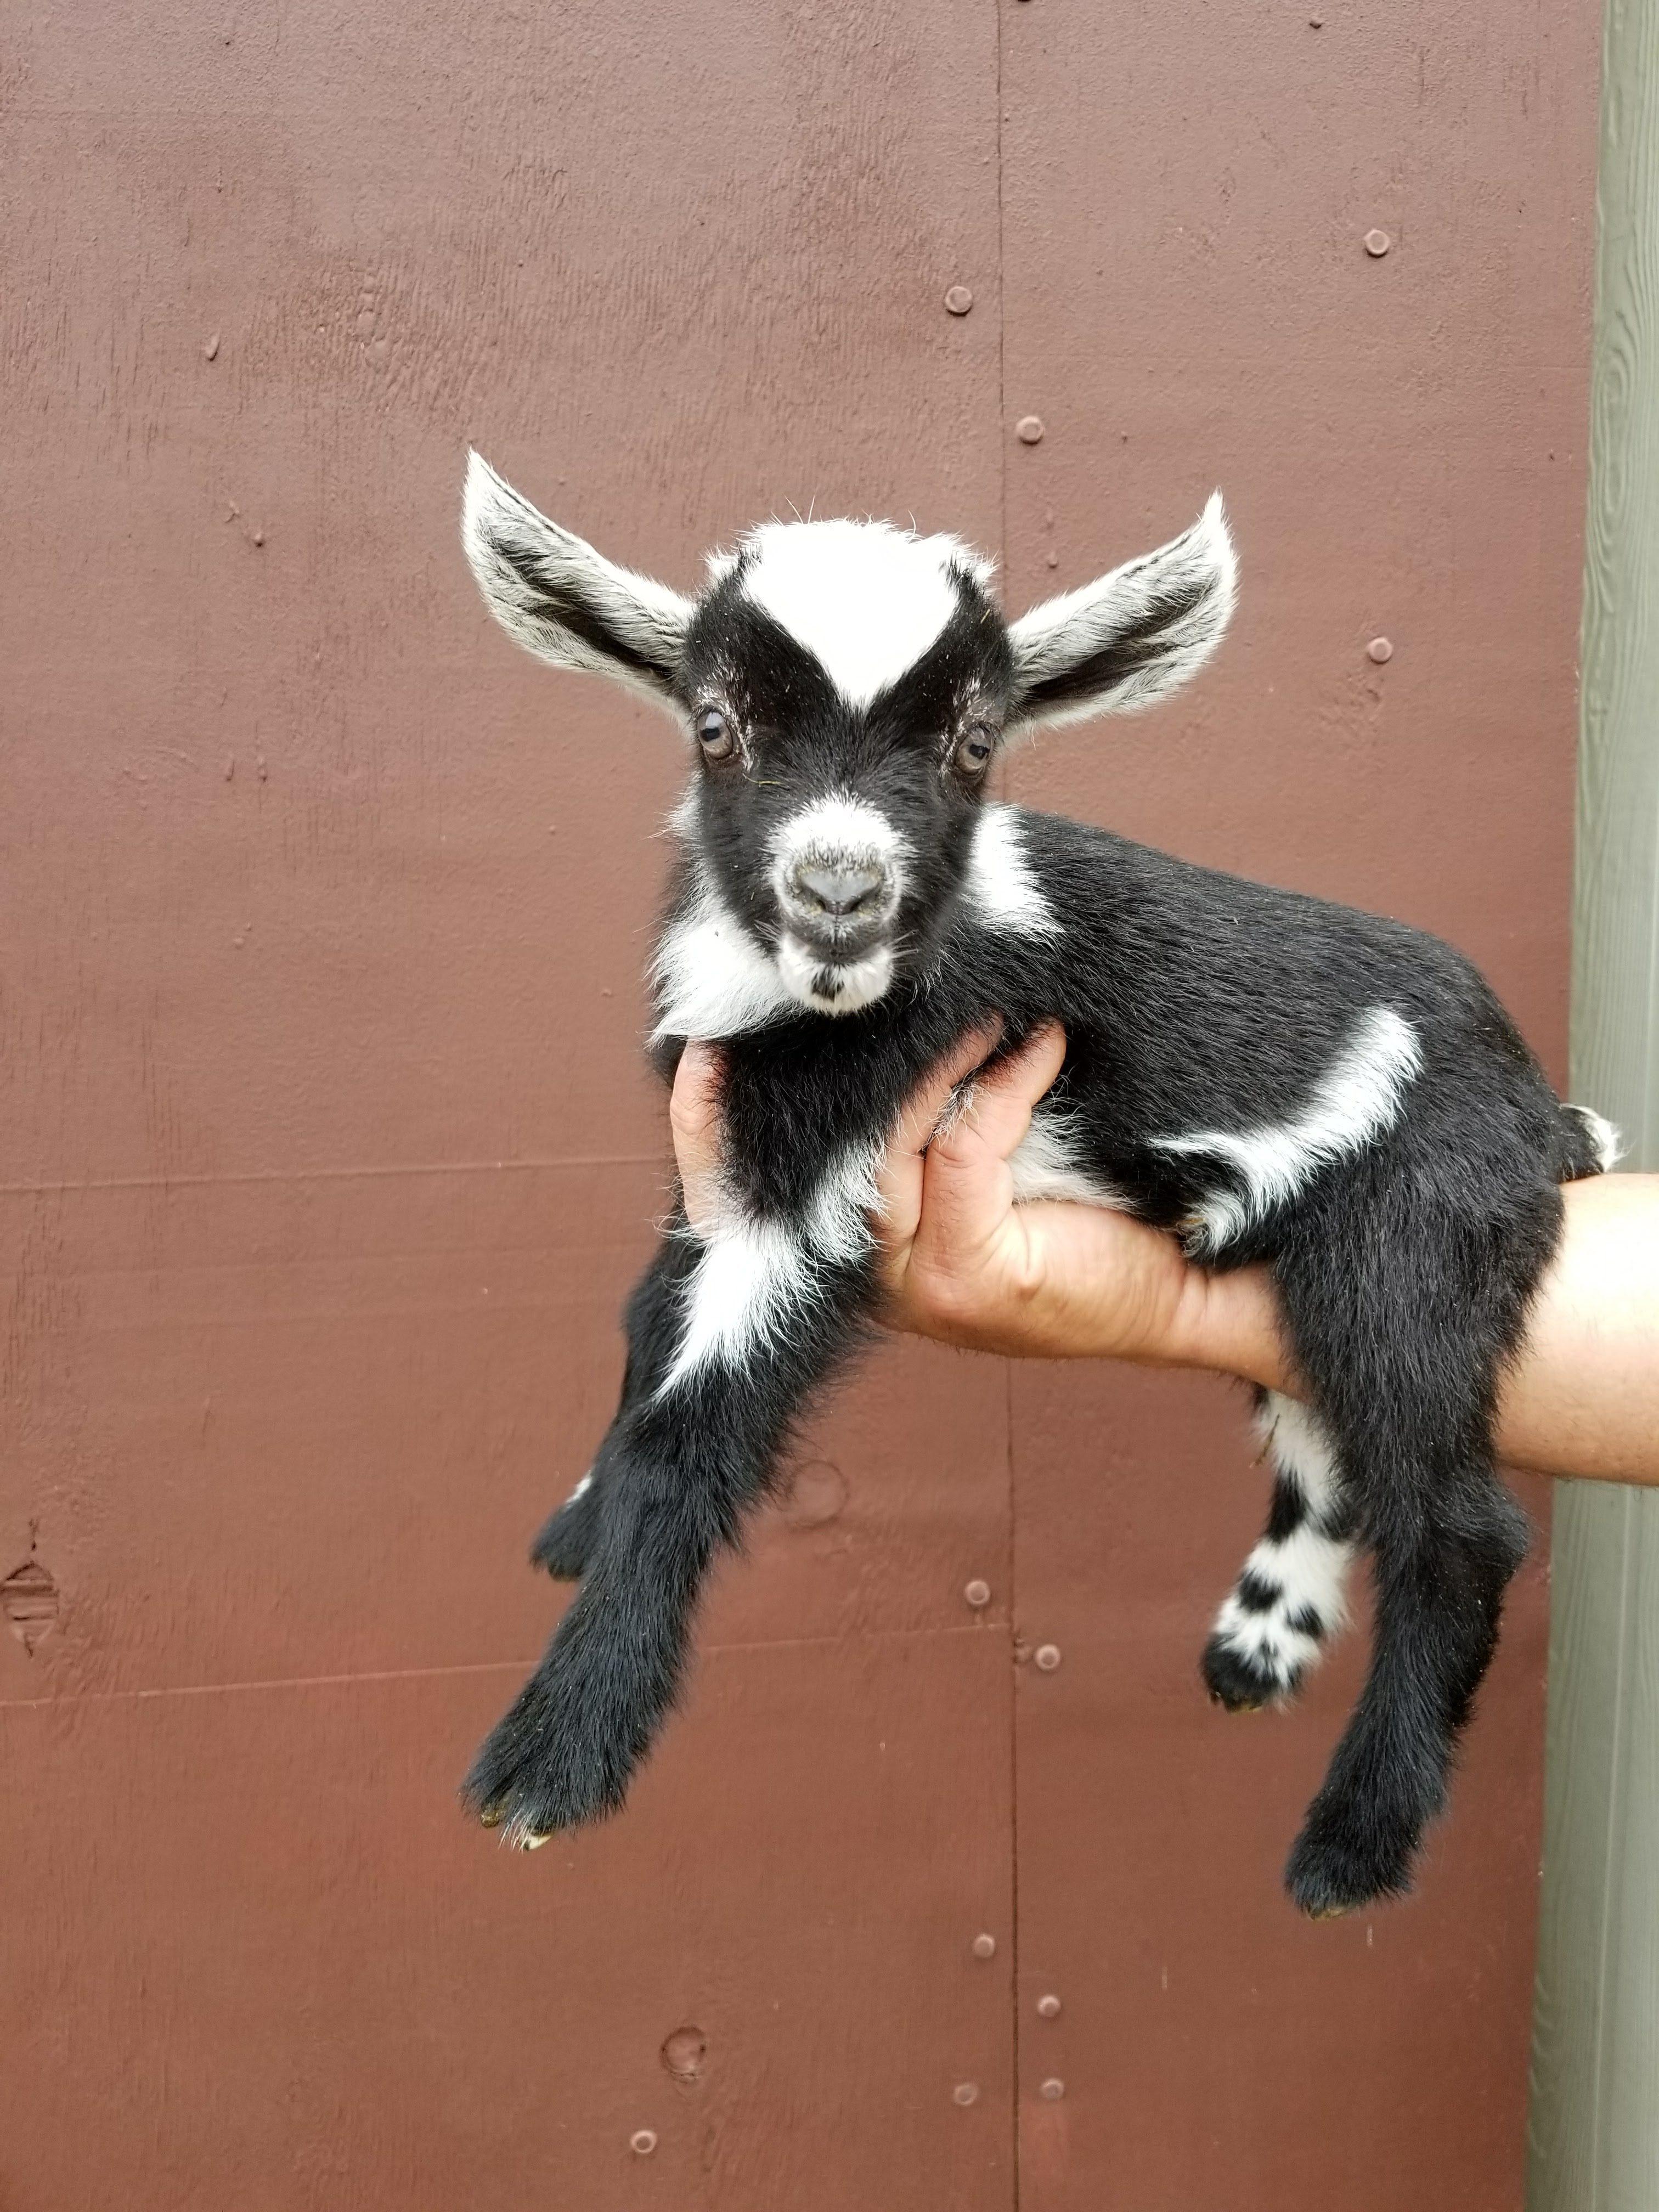 Miniature Nigerian Dwarf Goats - Tanglewood Farm Miniatures